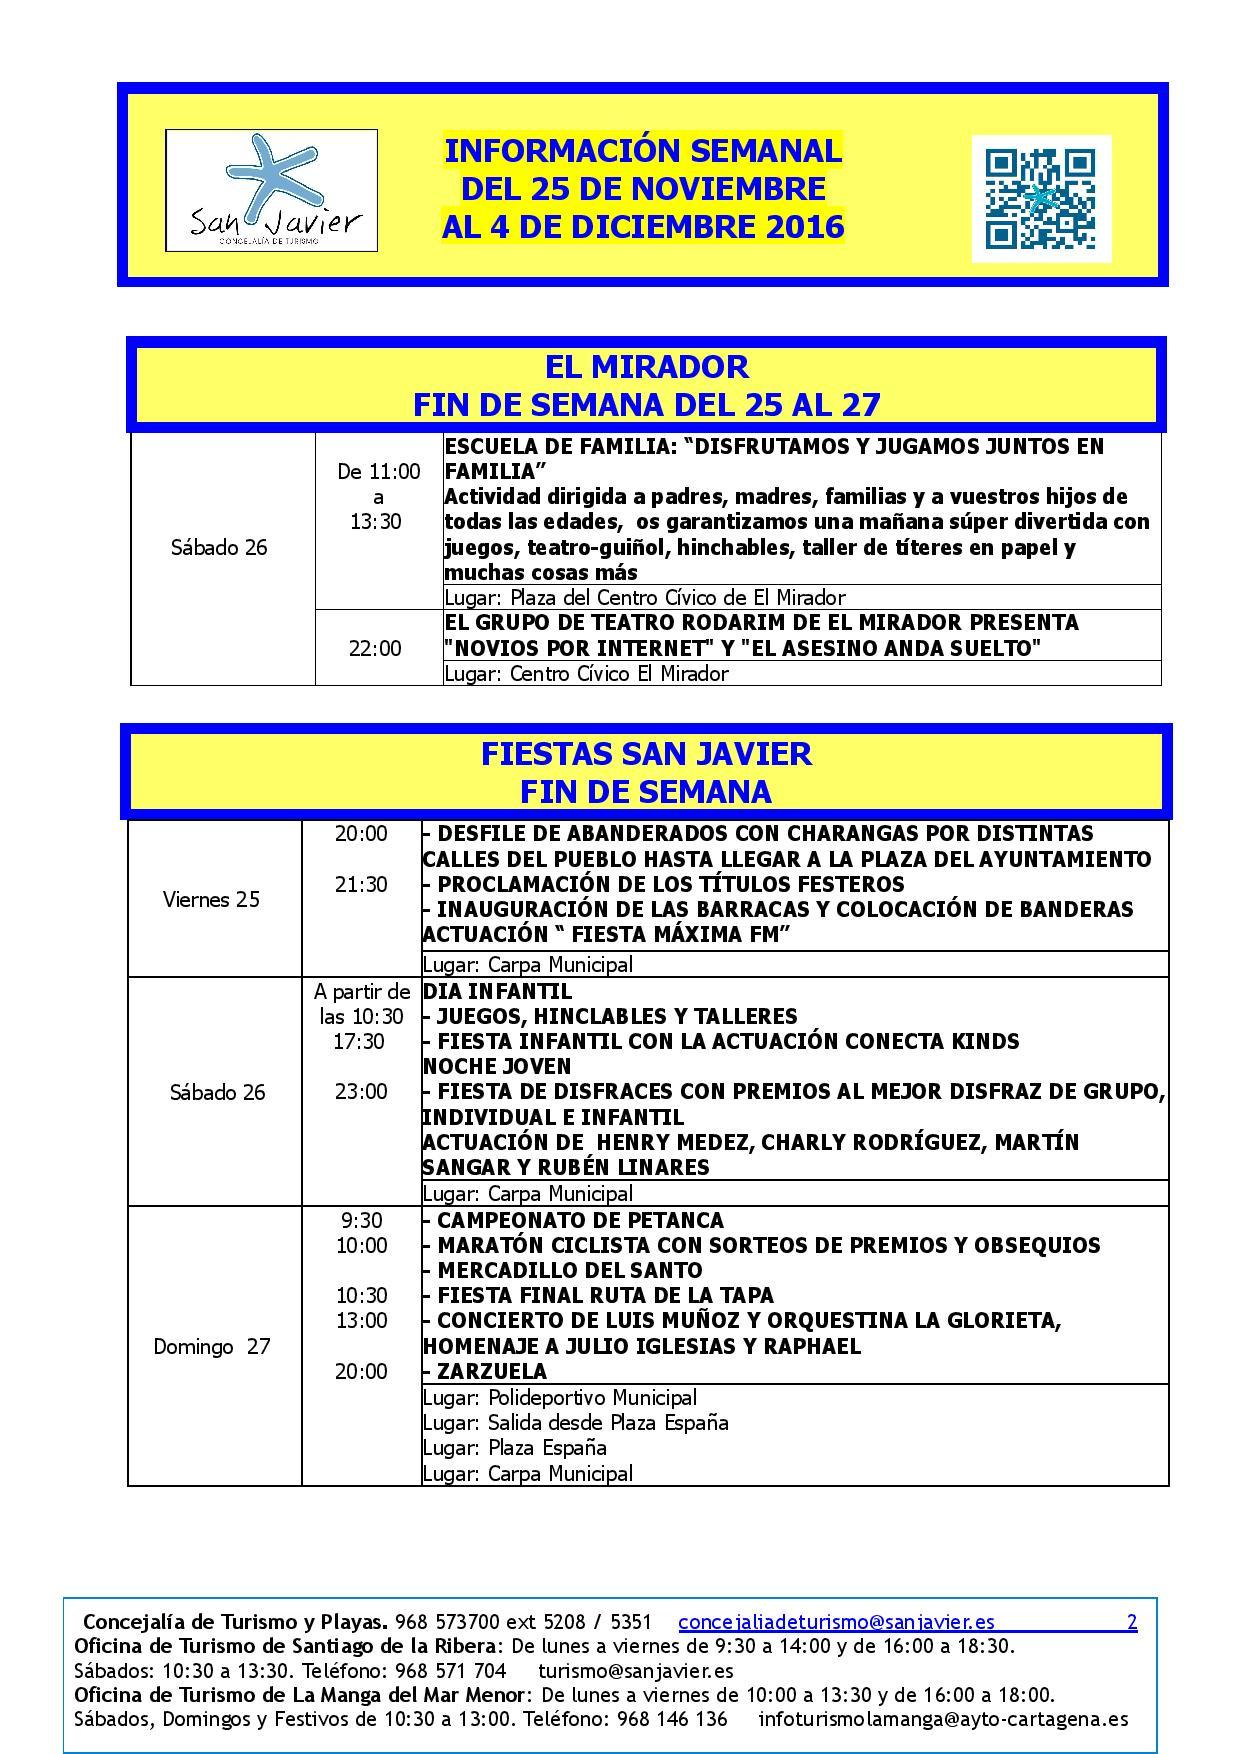 del-25-de-nov-al-4-de-dic-page-002